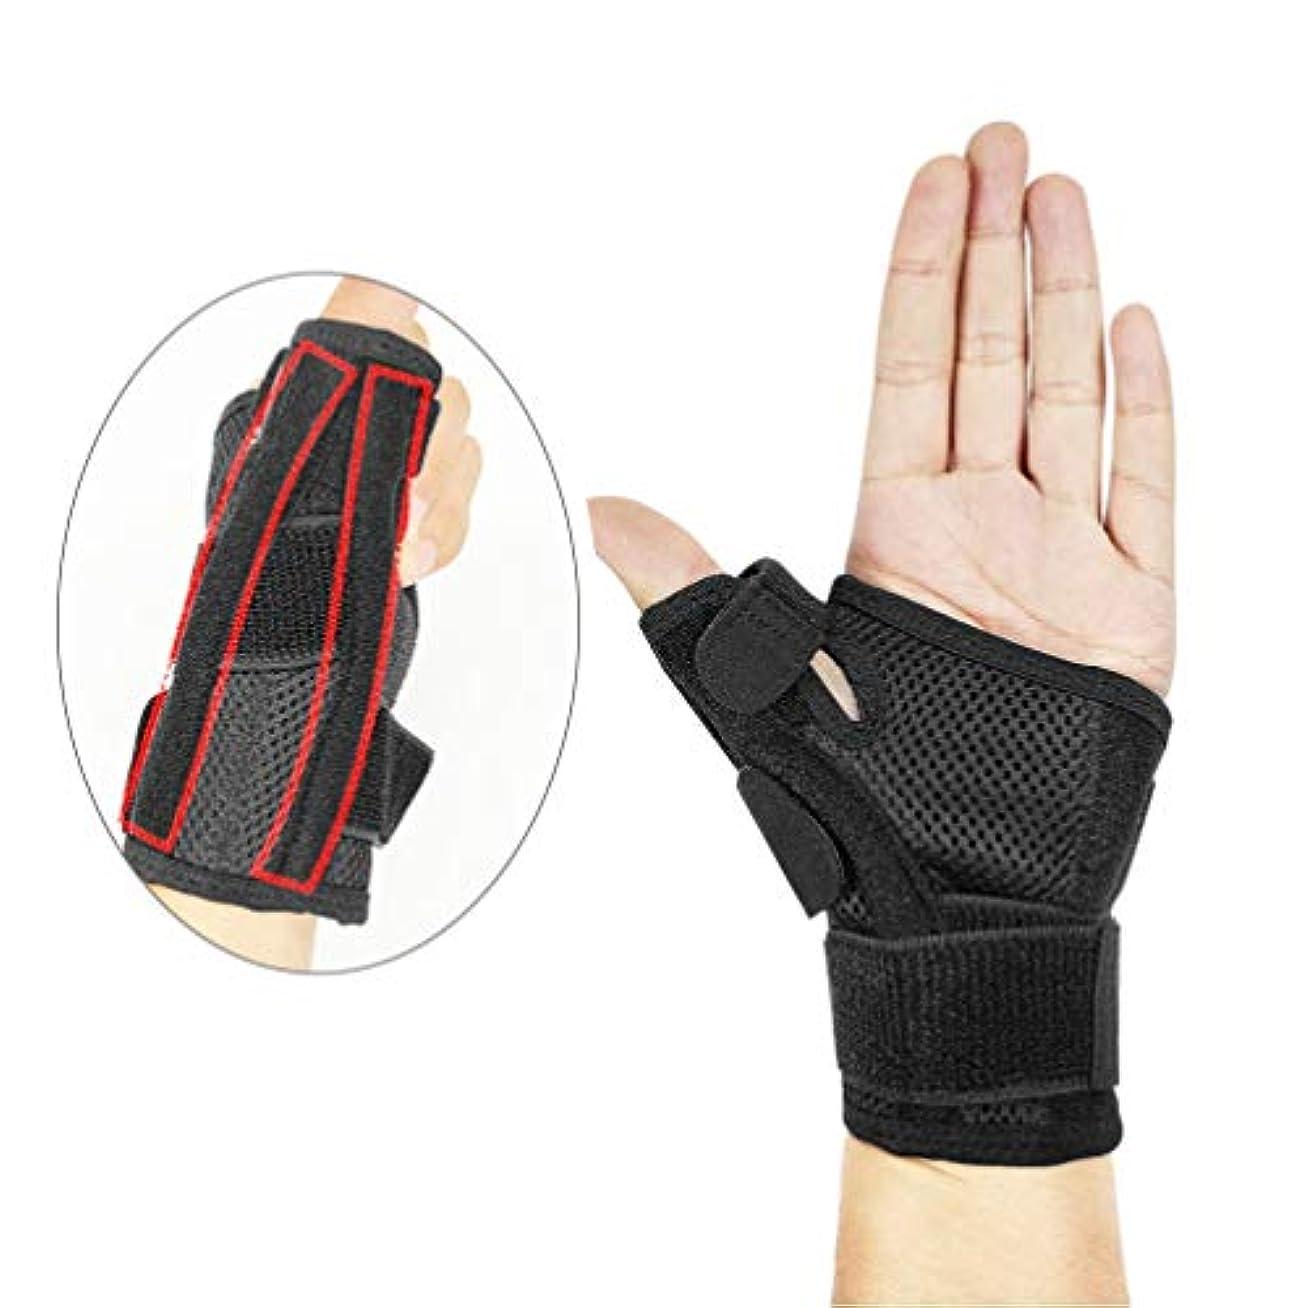 建設壊す上流のHeallily 手首の圧縮手首のトンネルの苦痛救助、関節炎、腱炎のための1つの手首の圧縮の袖の調節可能な手首の支柱の保護装置